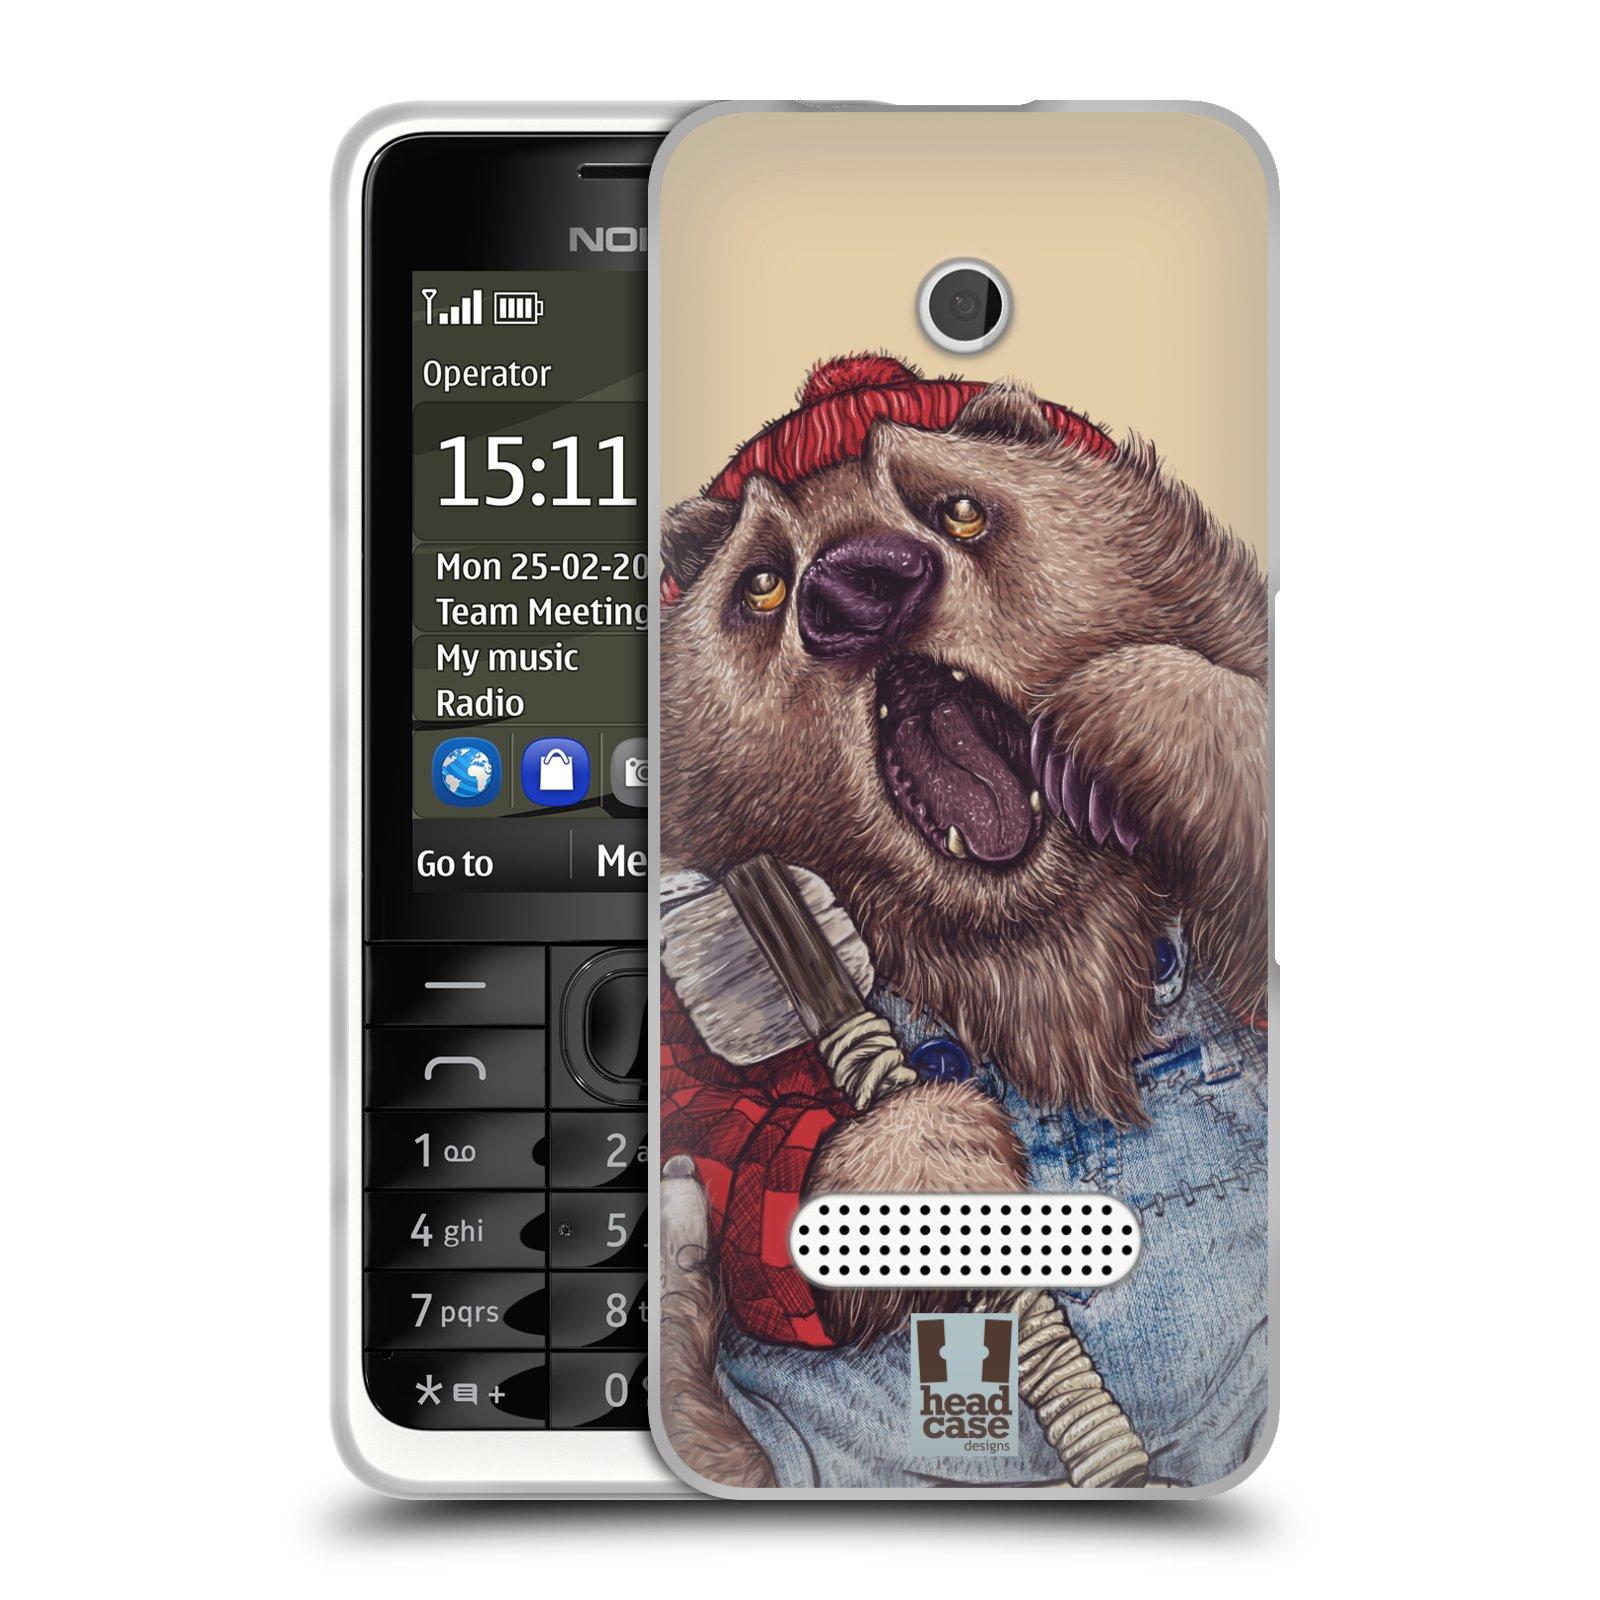 HEAD CASE silikonový obal na mobil NOKIA 301 vzor Kreslená zvířátka medvěd